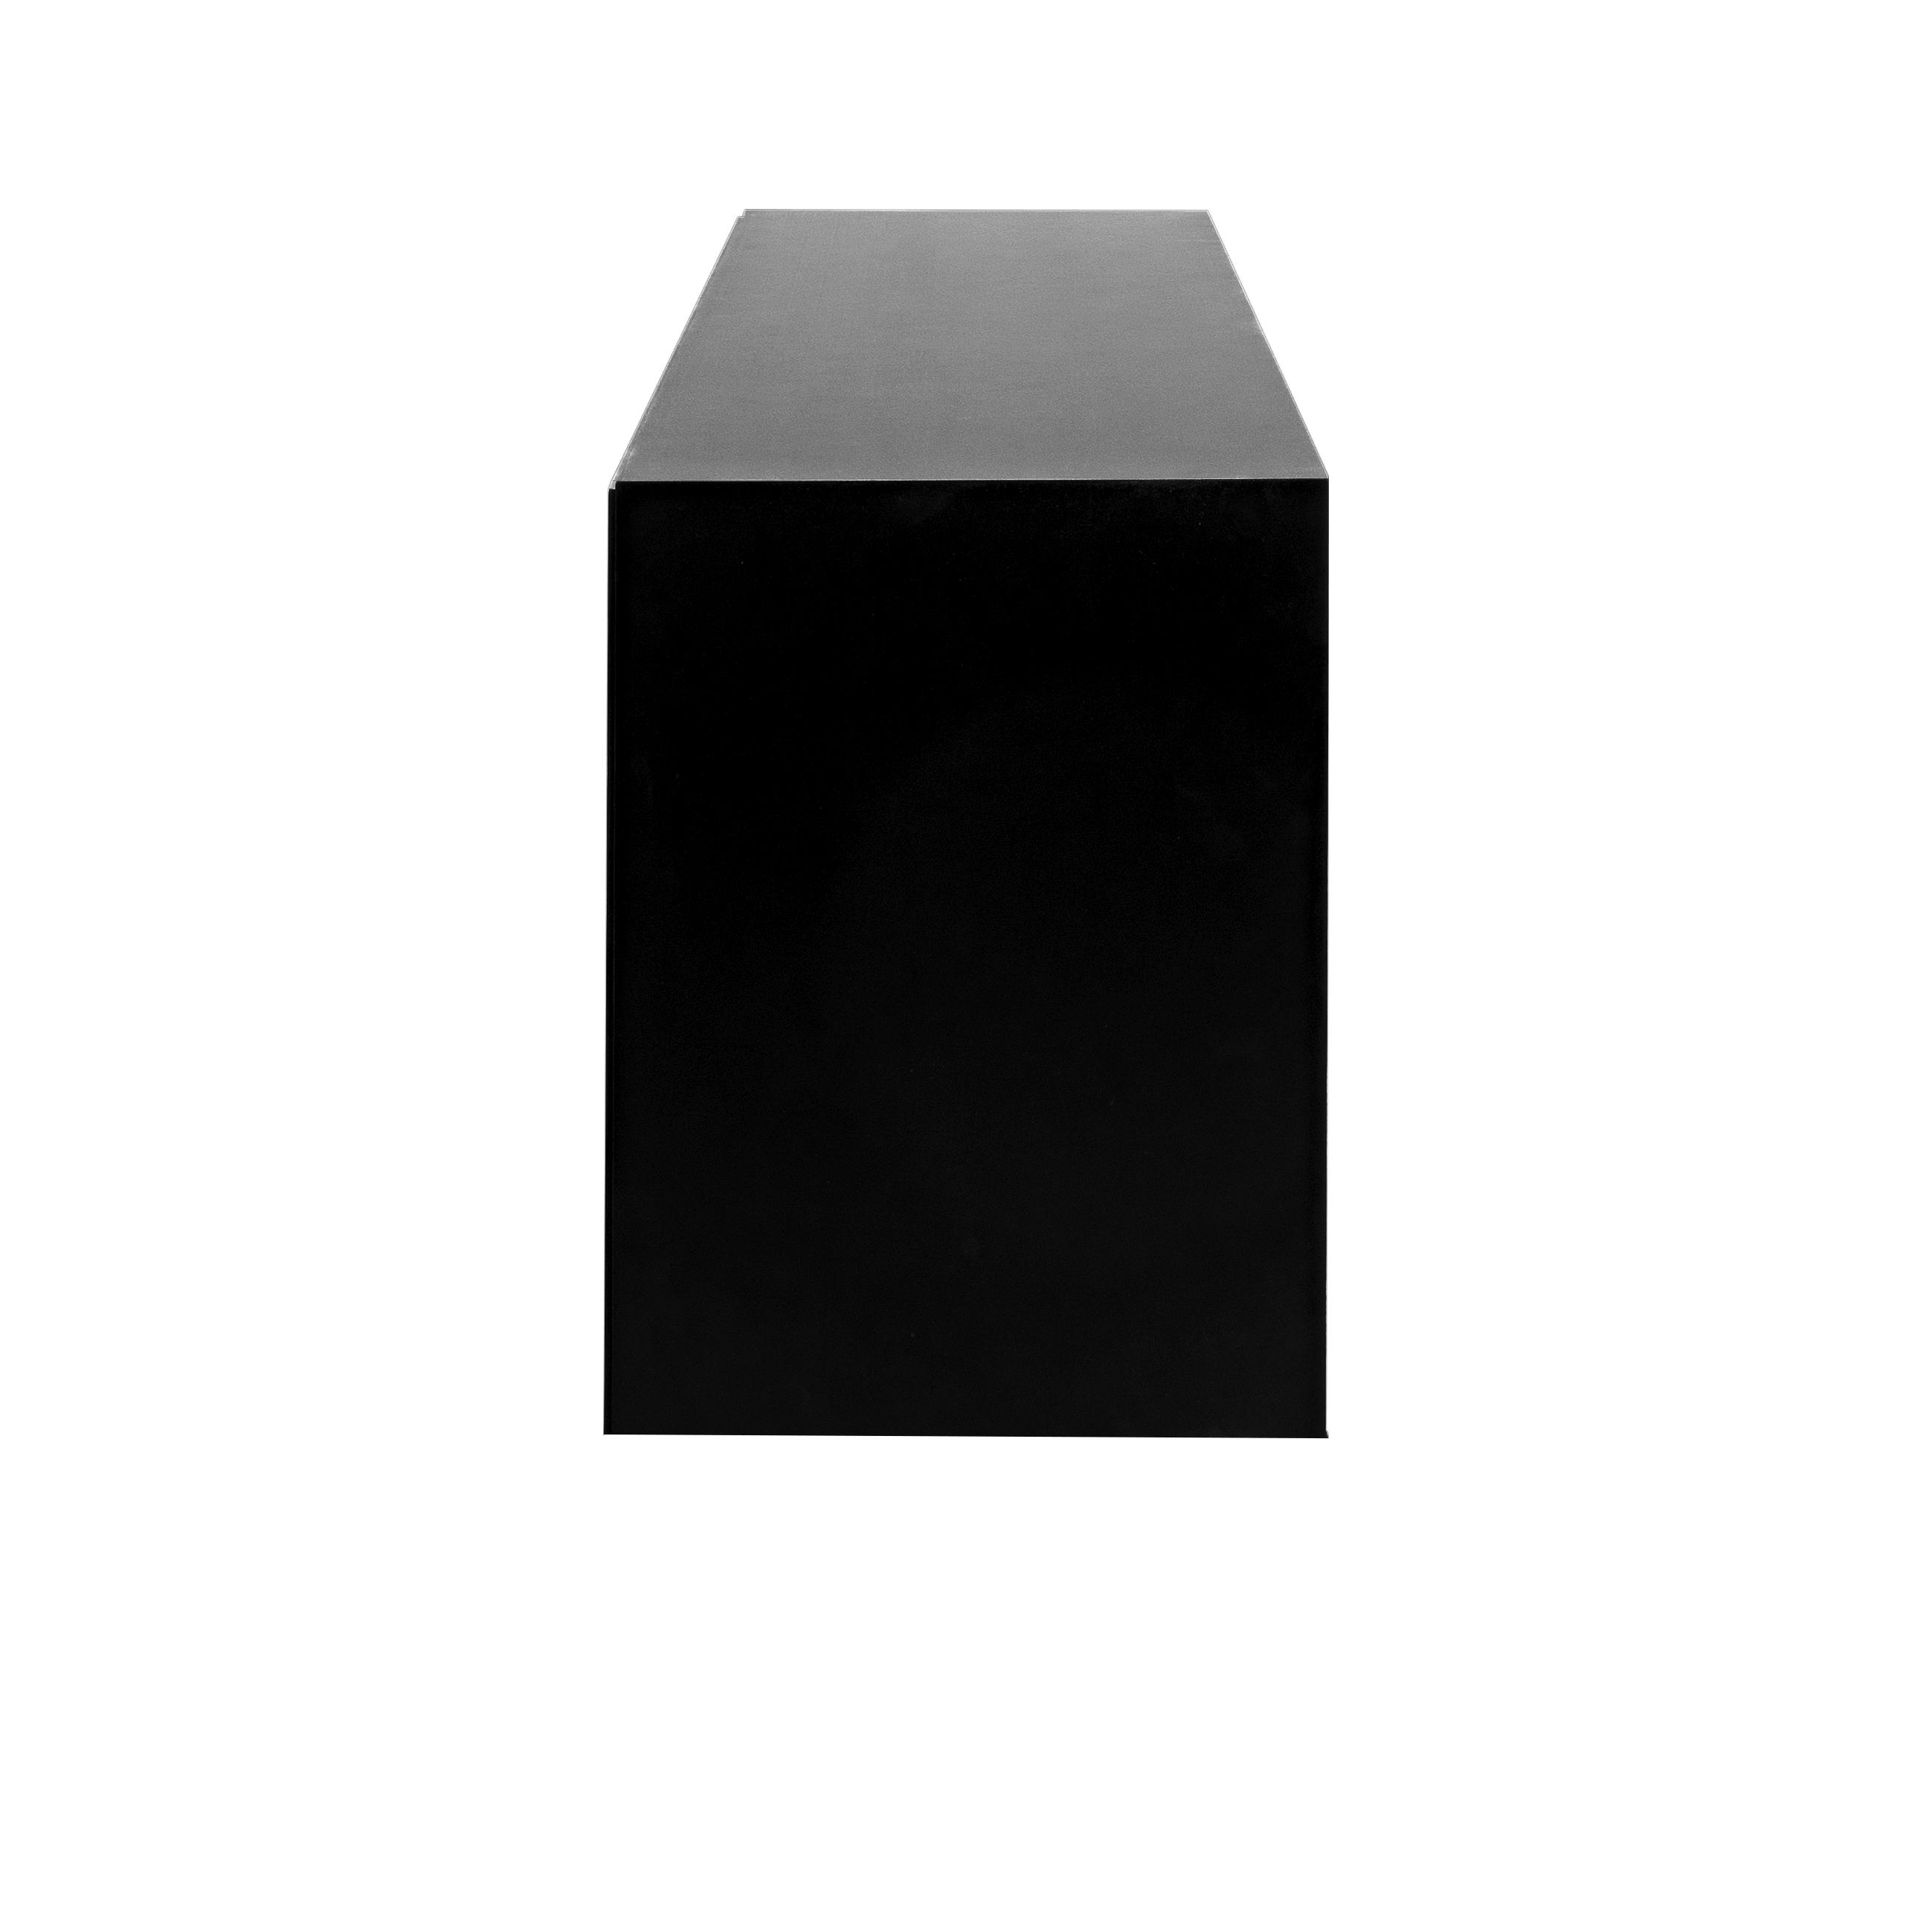 Line Skänk 3 dörrar Black snett från sidan - englesson.se